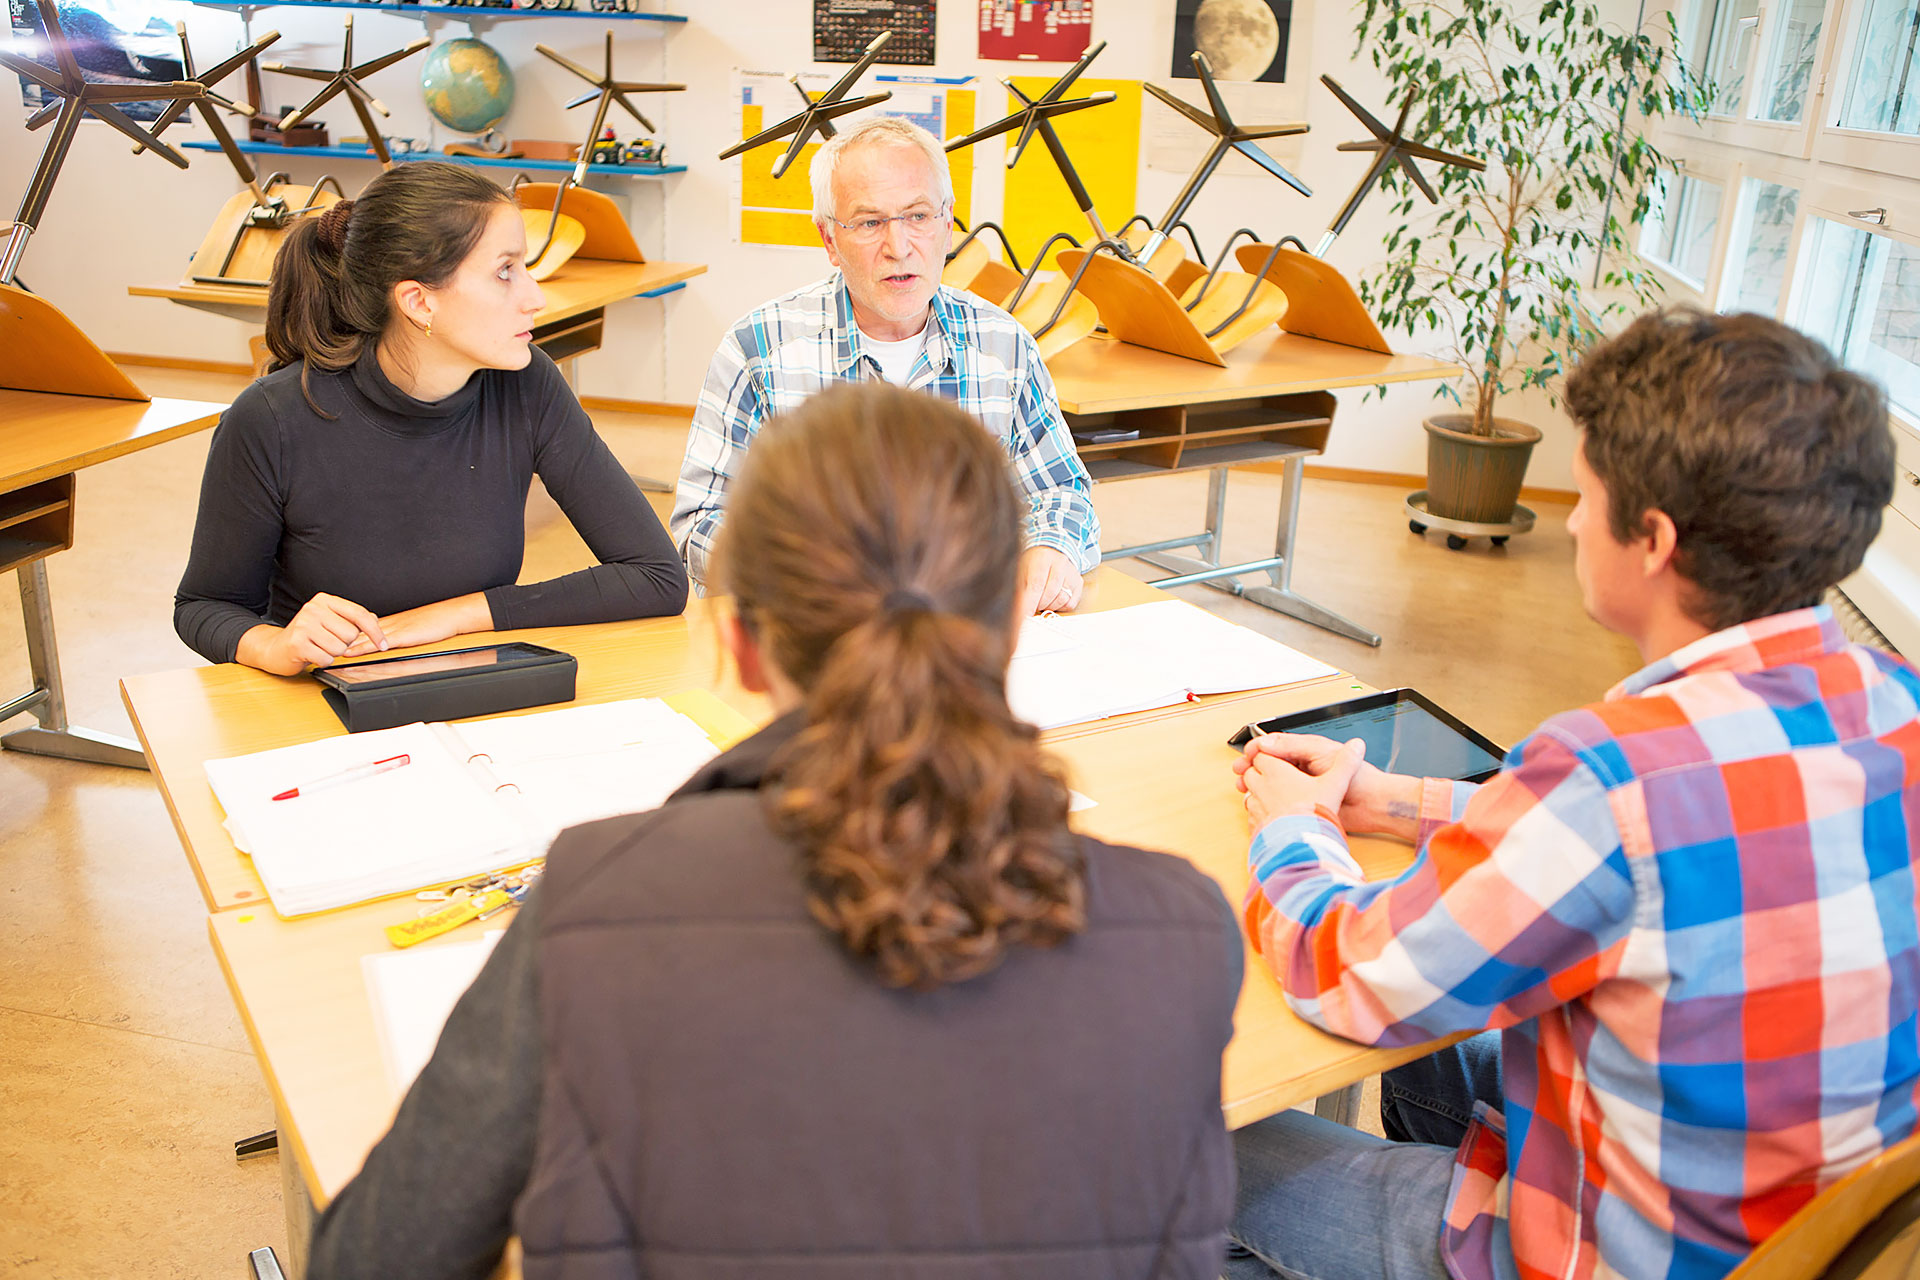 Vier Personen während einer Besprechung in einem Schulzimmer